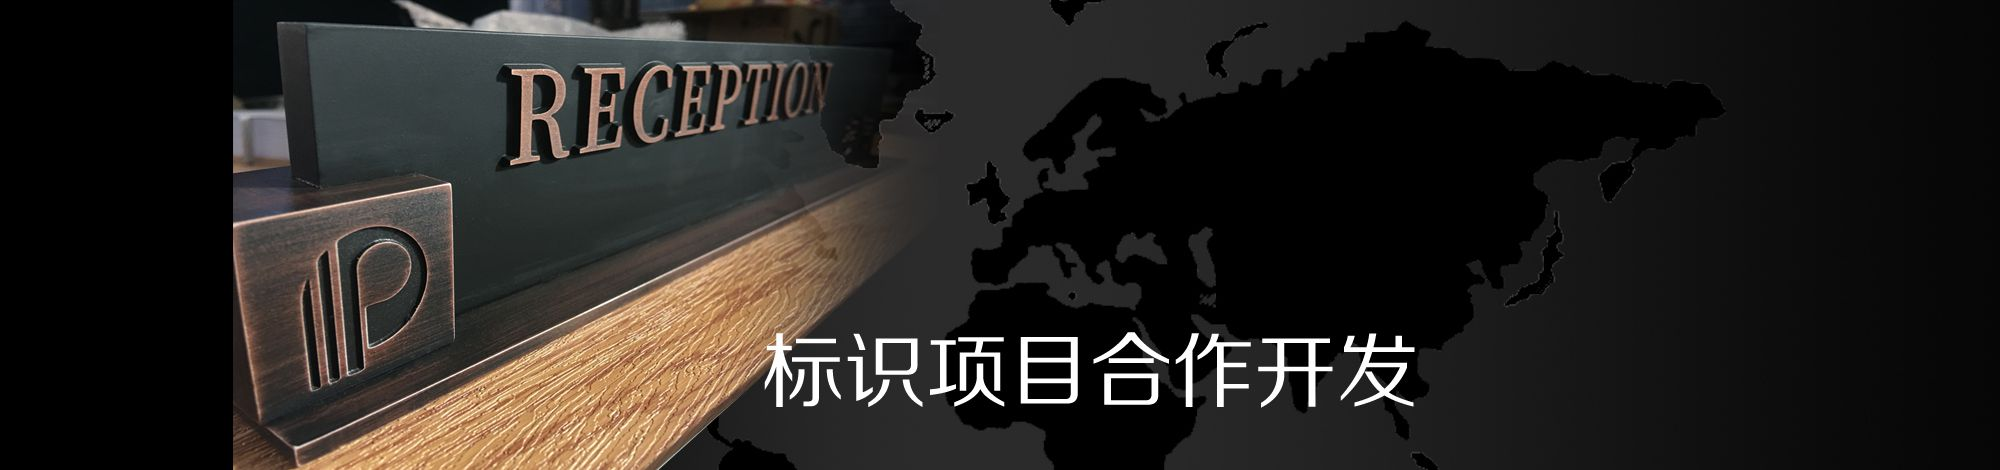 北京圣艺龙国际标识工程有限公司